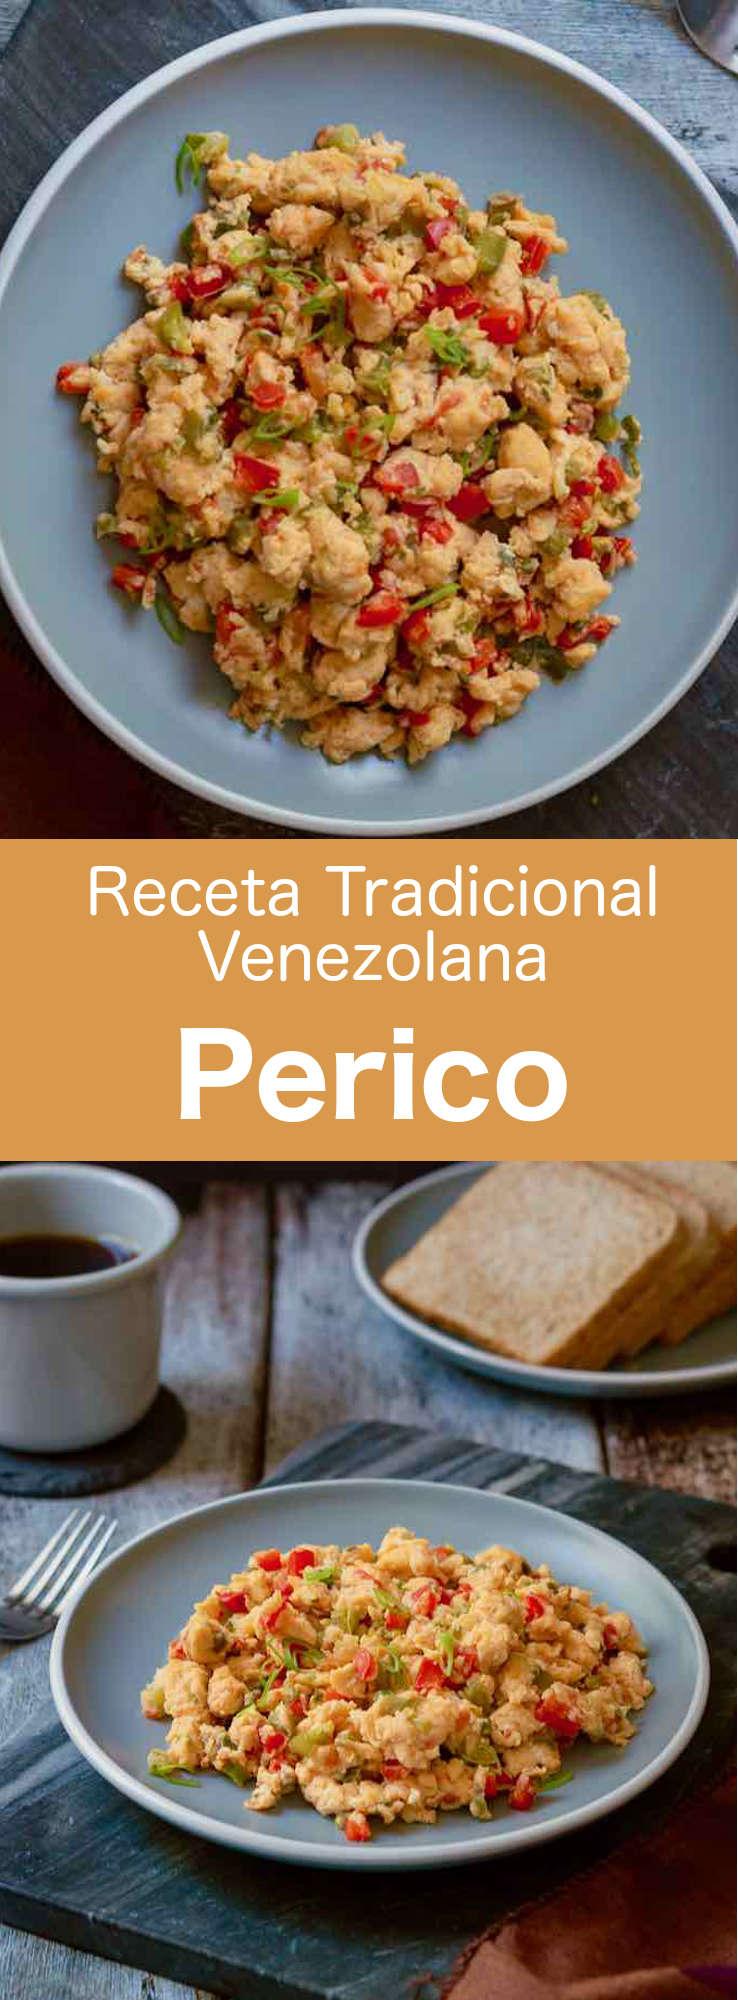 El perico es un popular platillo de huevos revueltos al estilo sudamericano. Es un artículo de desayuno clásico que es popular tanto en Venezuela como en Colombia.